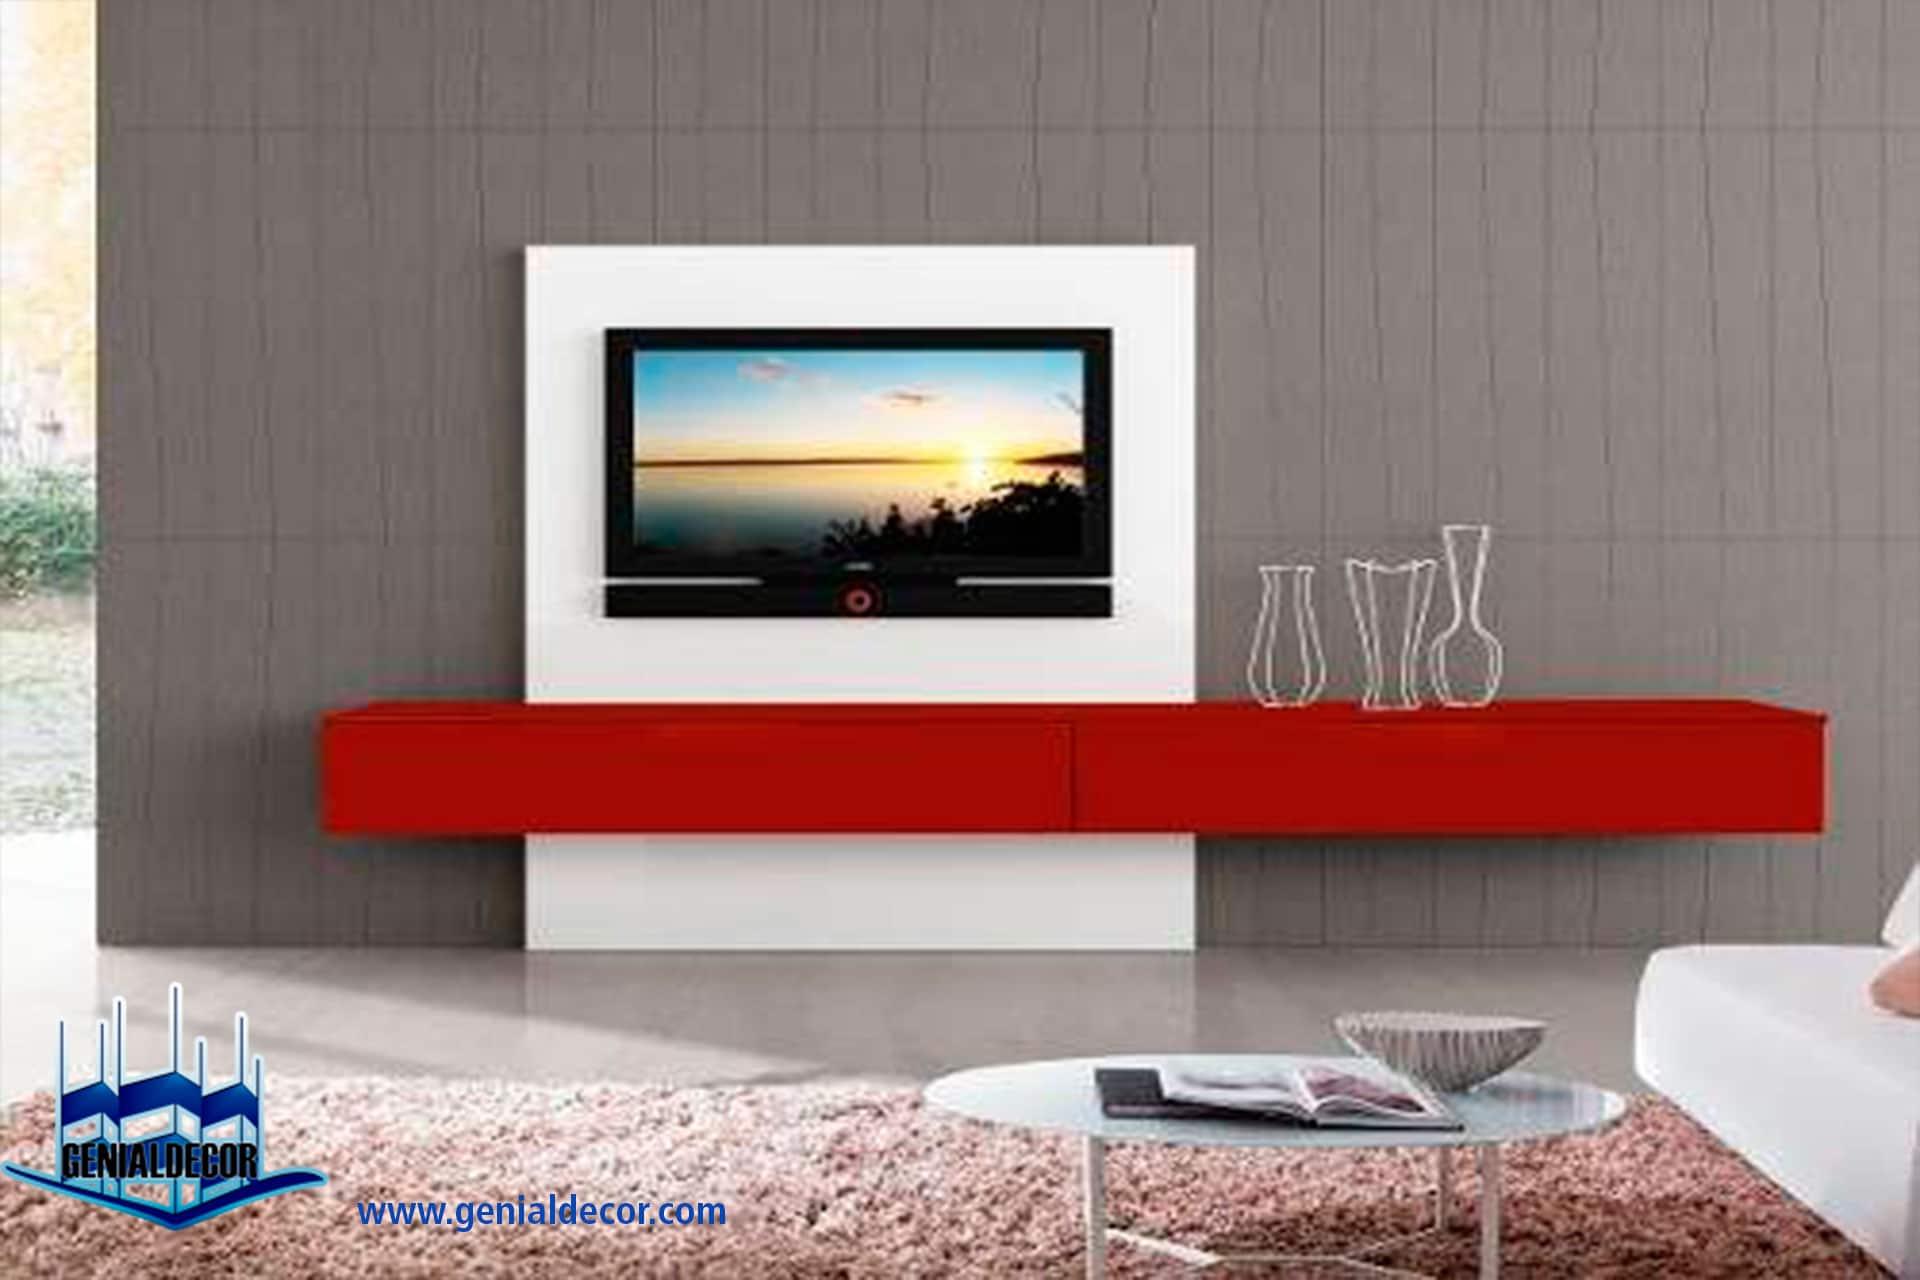 Disenos de muebles para tv de tablaroca - Muebles tv de diseno ...